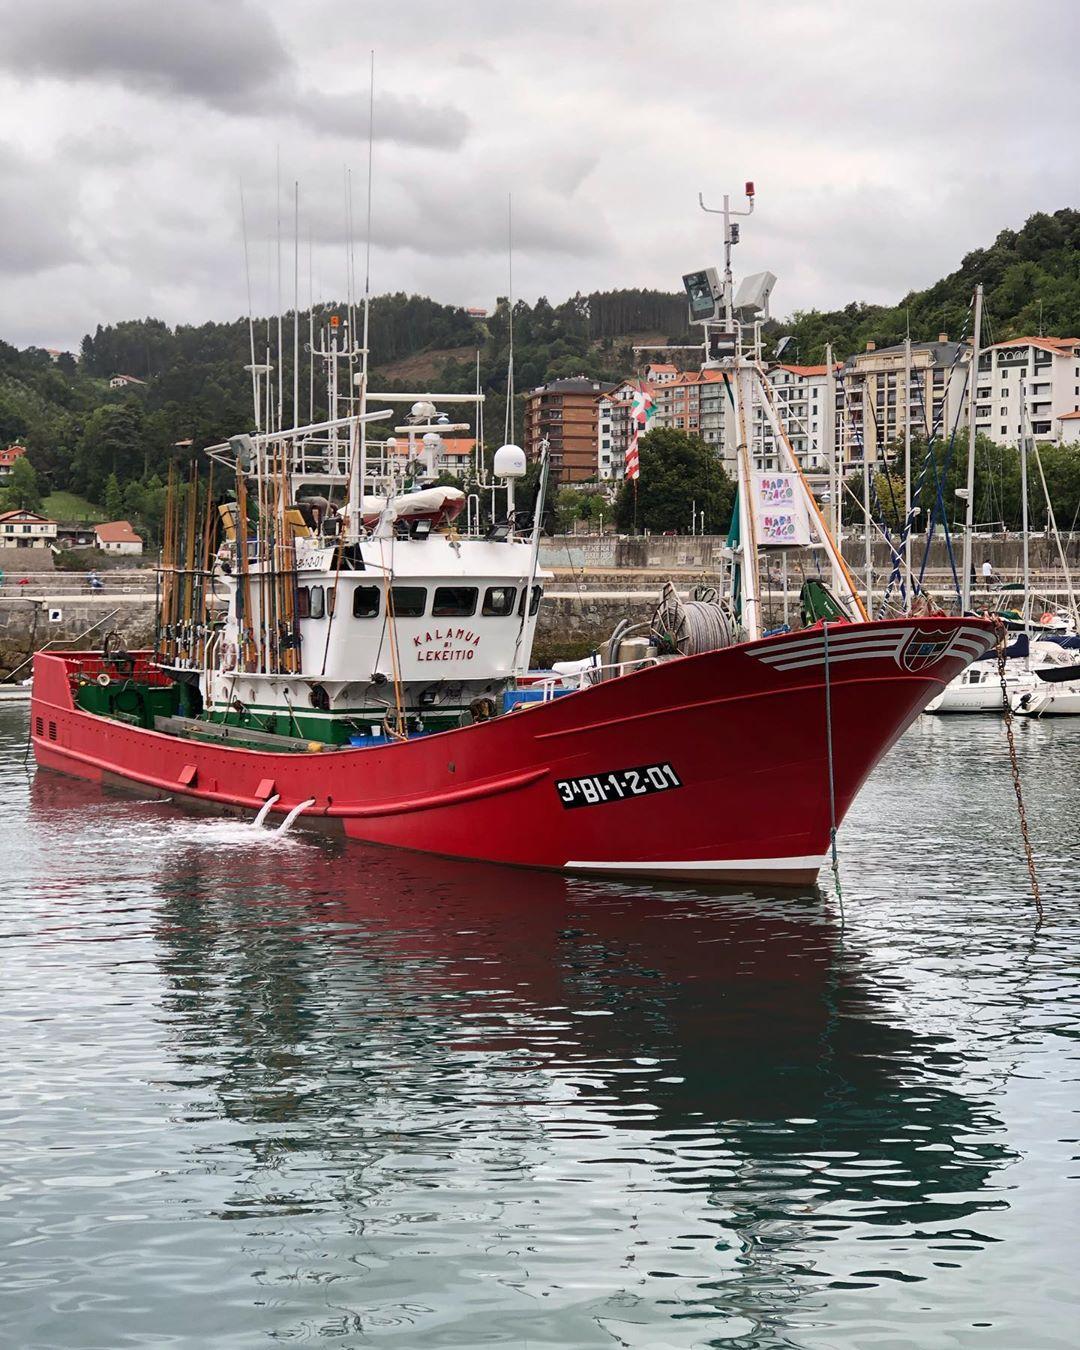 Quien maneja mi barca, barca a la deriva. Pueblos que nos hemos cargado parte de su encanto - Quien Maneja Mi Barca, Barca A La Deriva. Pueblos Que Nos Hemos Cargado Parte De Su Encanto